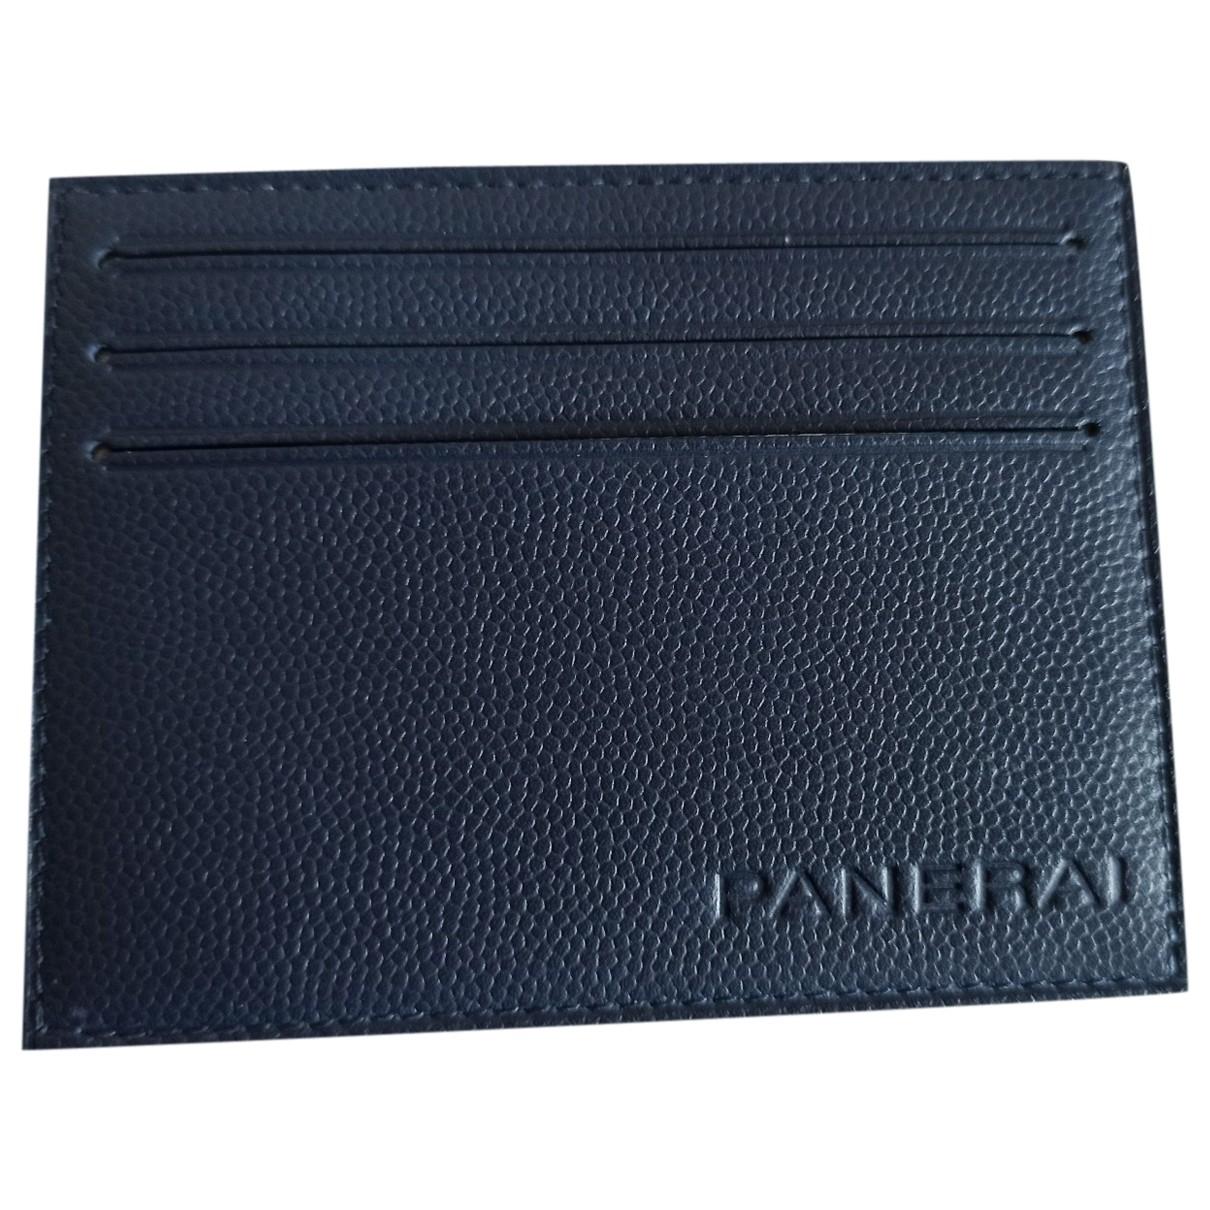 Panerai - Petite maroquinerie   pour homme en cuir - bleu